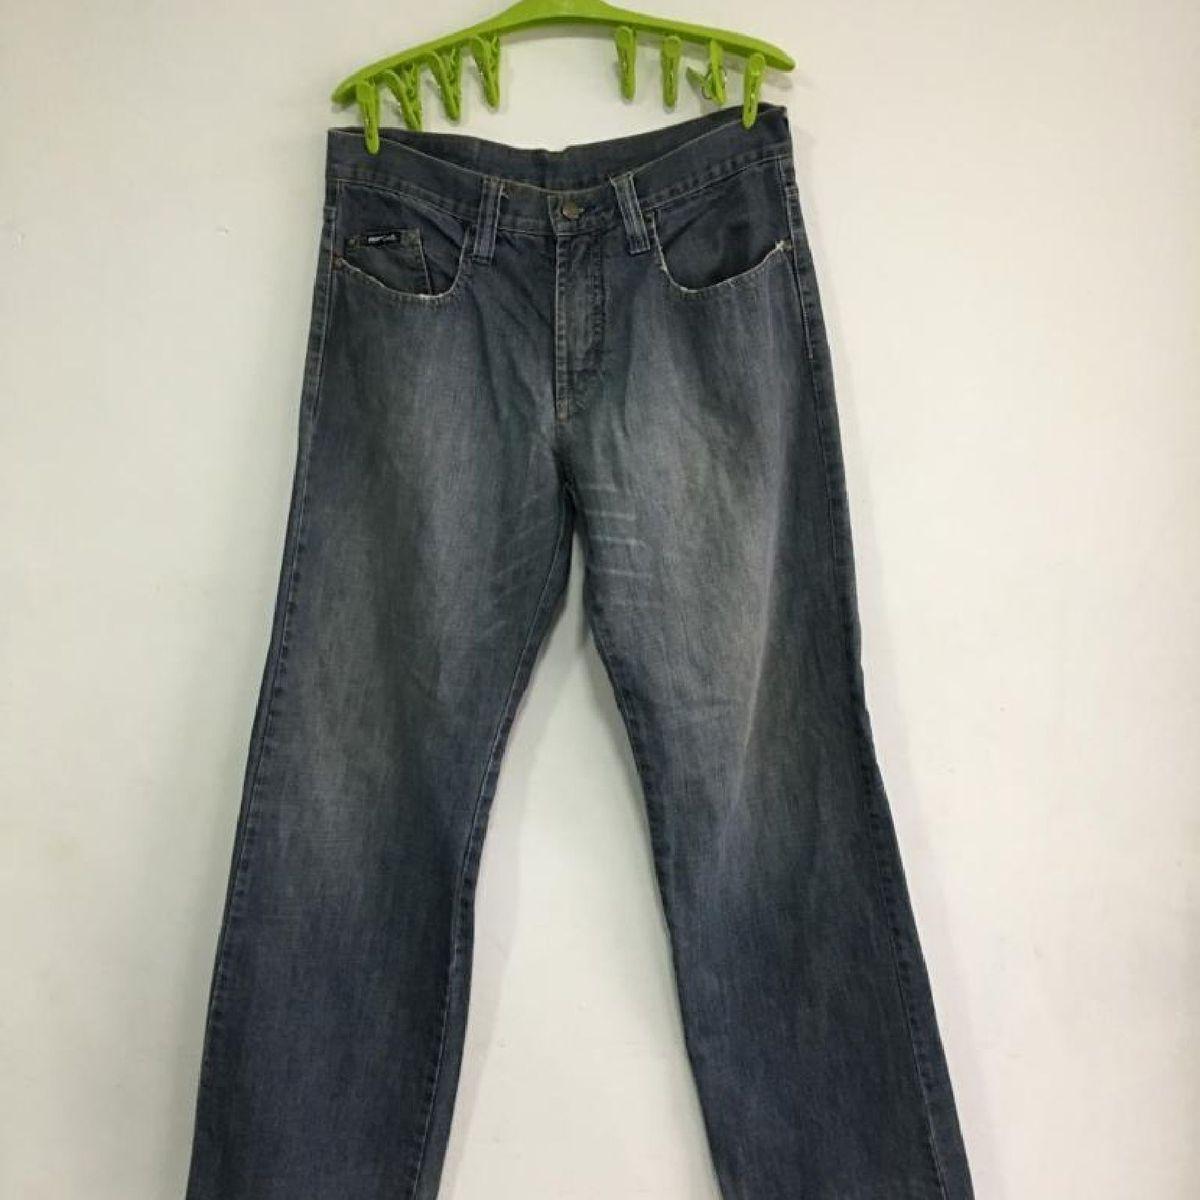 f3dc0692b Calça Jeans Masculina Rip Curl   Calça Masculina Rip Curl Usado 33765229    enjoei